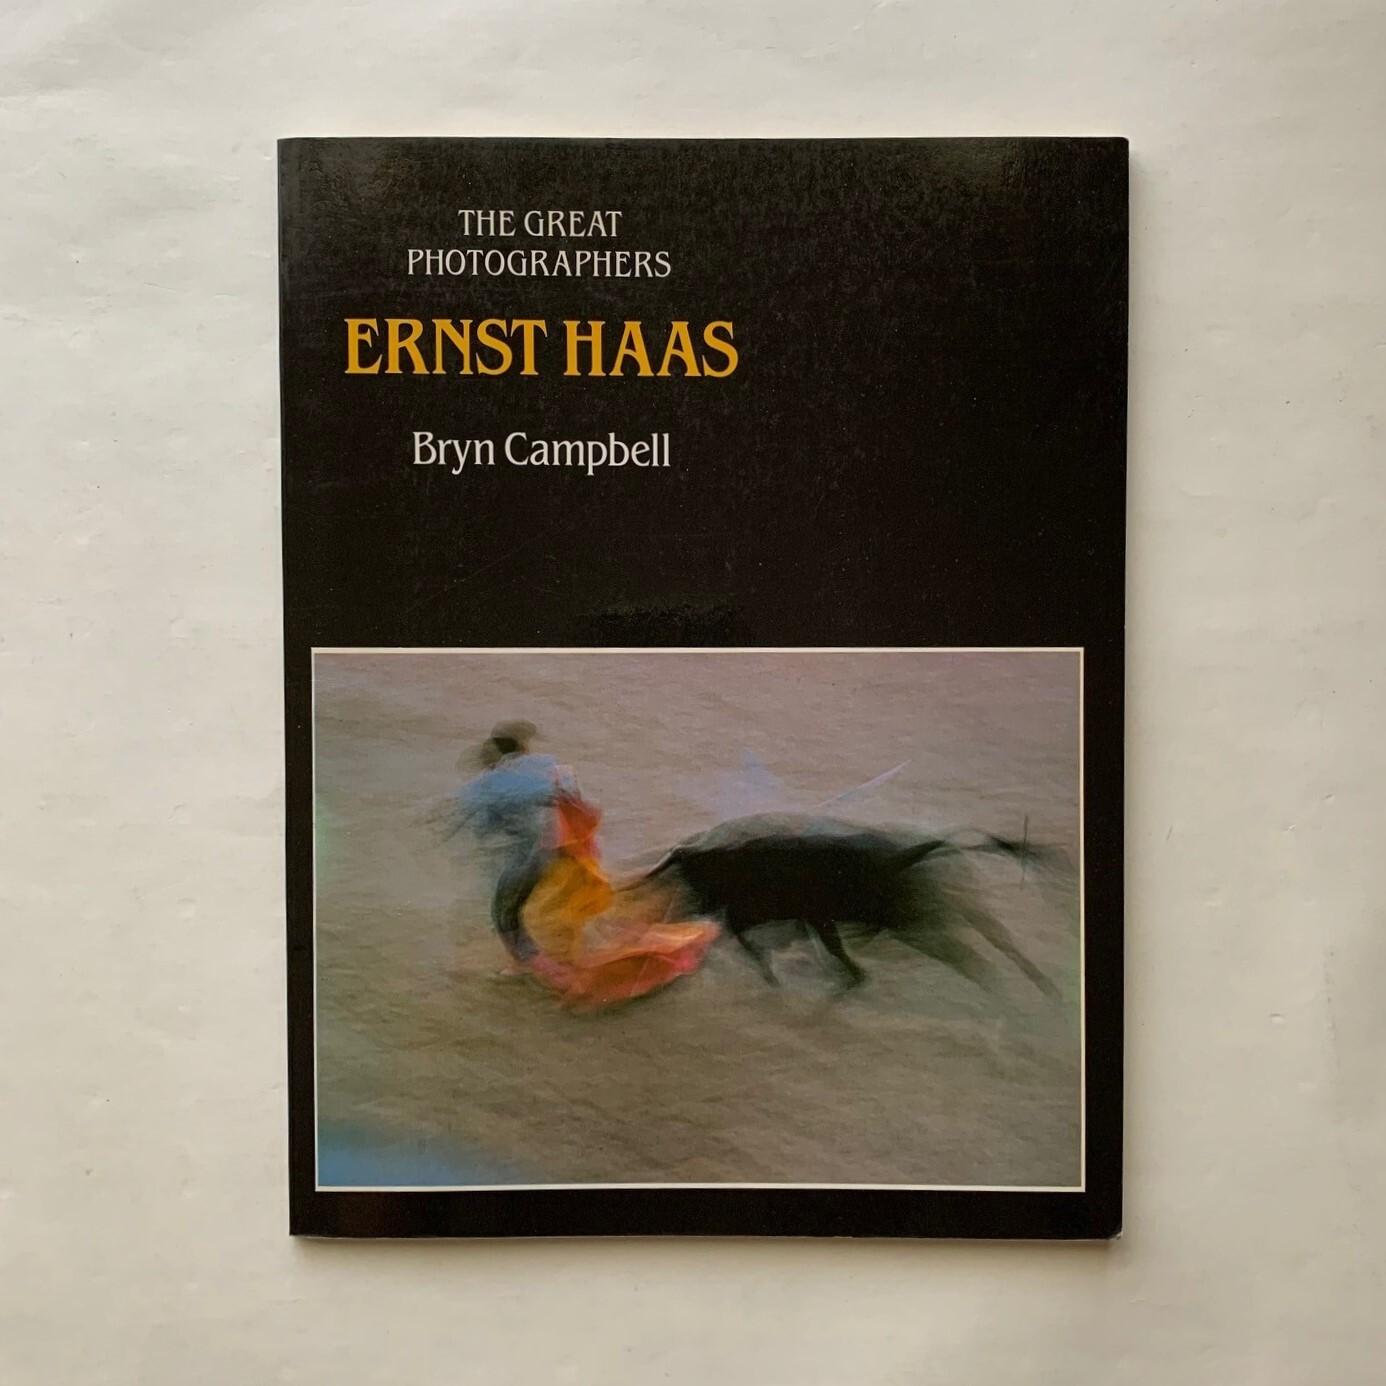 Ernst Haas エルンスト・ハース  /  Bryn Campbell